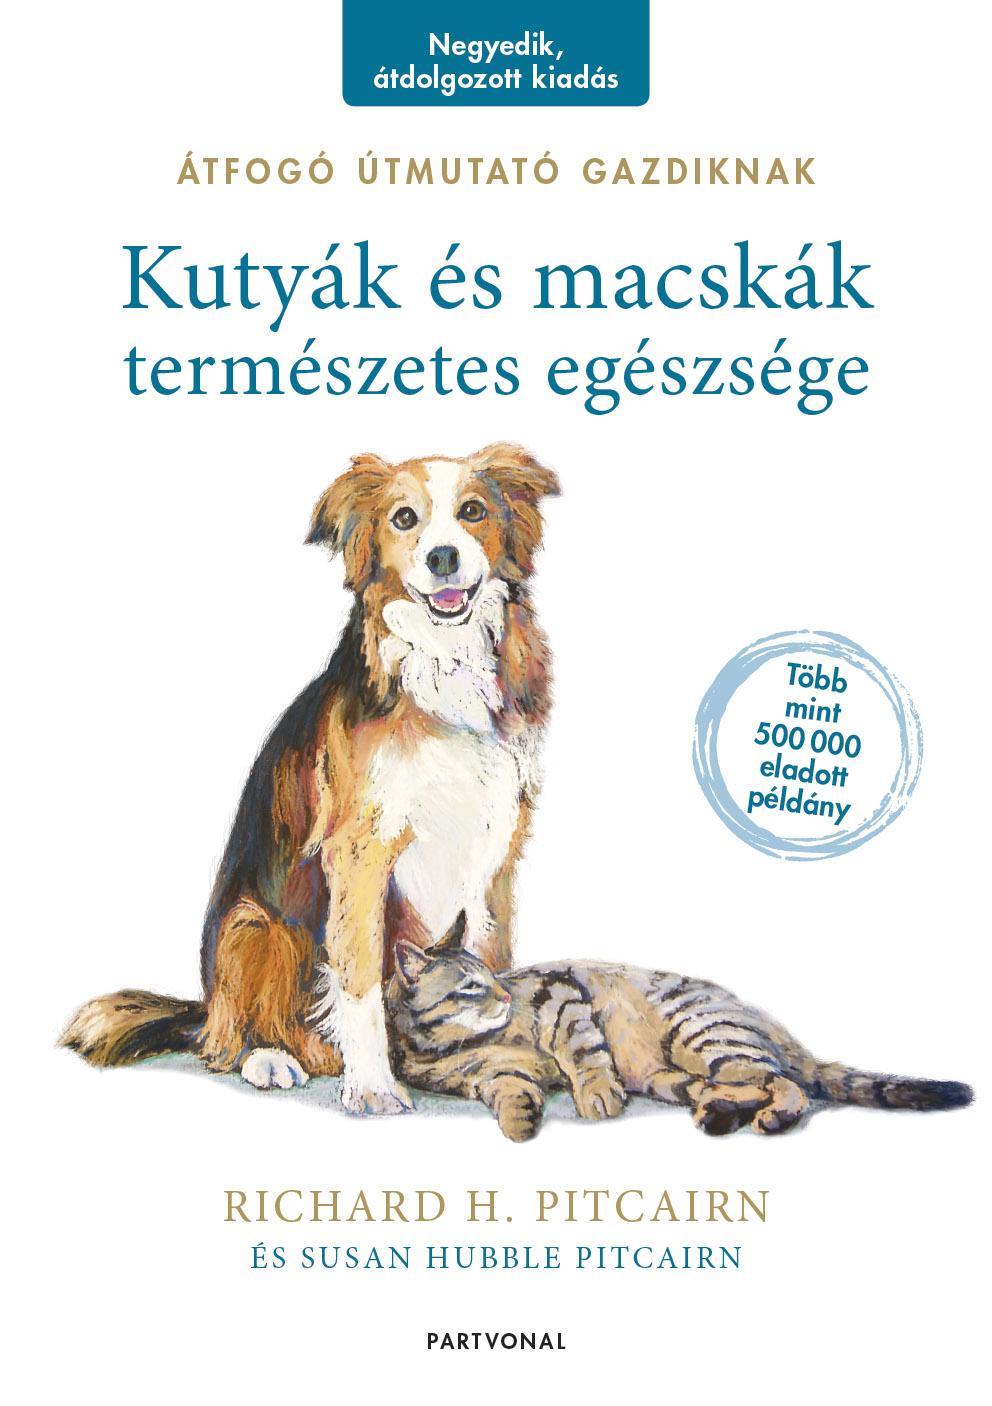 Richard H. Pitcairn - Susan Hubble Pitcairn - Kutyák és macskák természetes egészsége - Átfogó útmutató gazdiknak